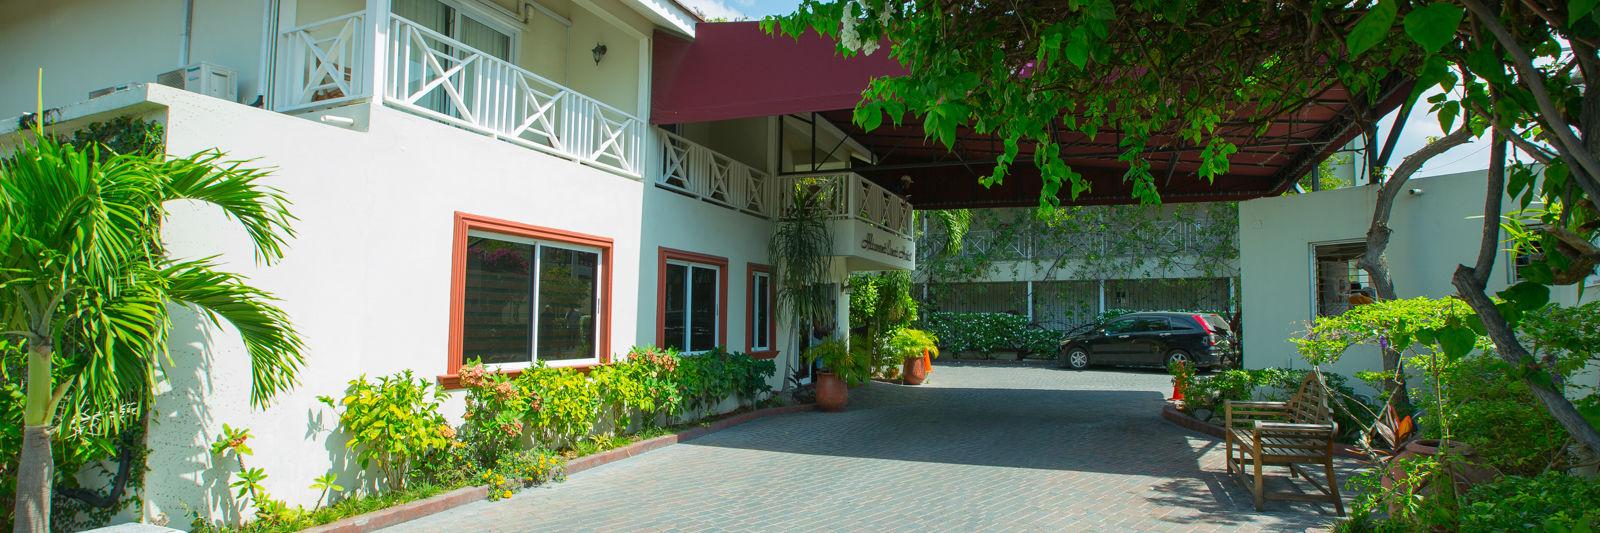 Hotel port cochere 1